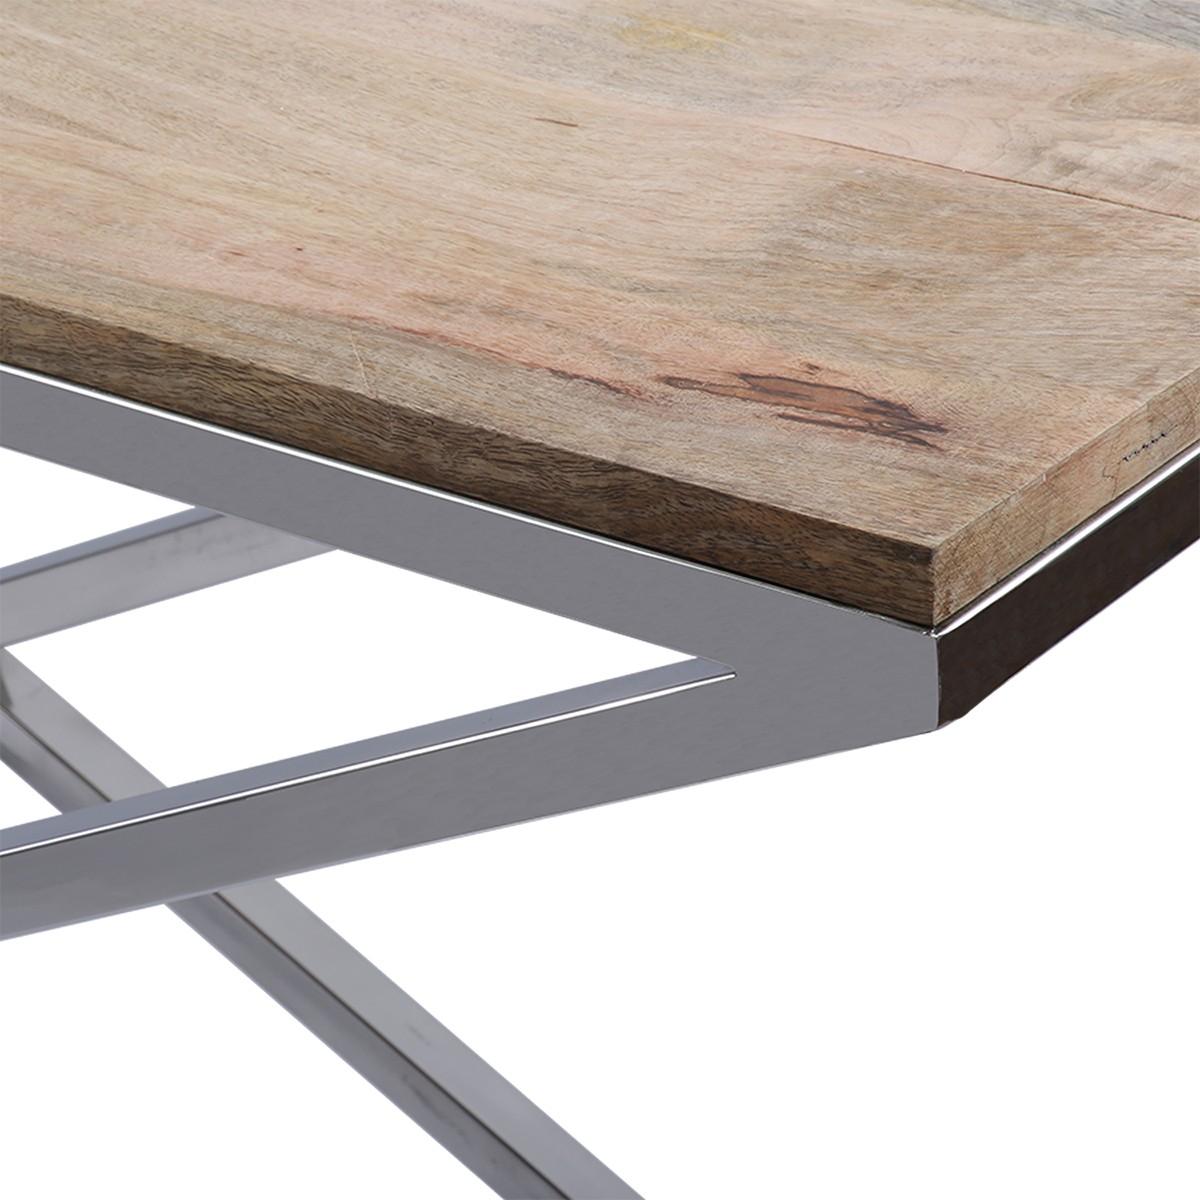 sideboard holz metall wandtiisch verchromt metall holzplatte breite 150 cm sideboards. Black Bedroom Furniture Sets. Home Design Ideas